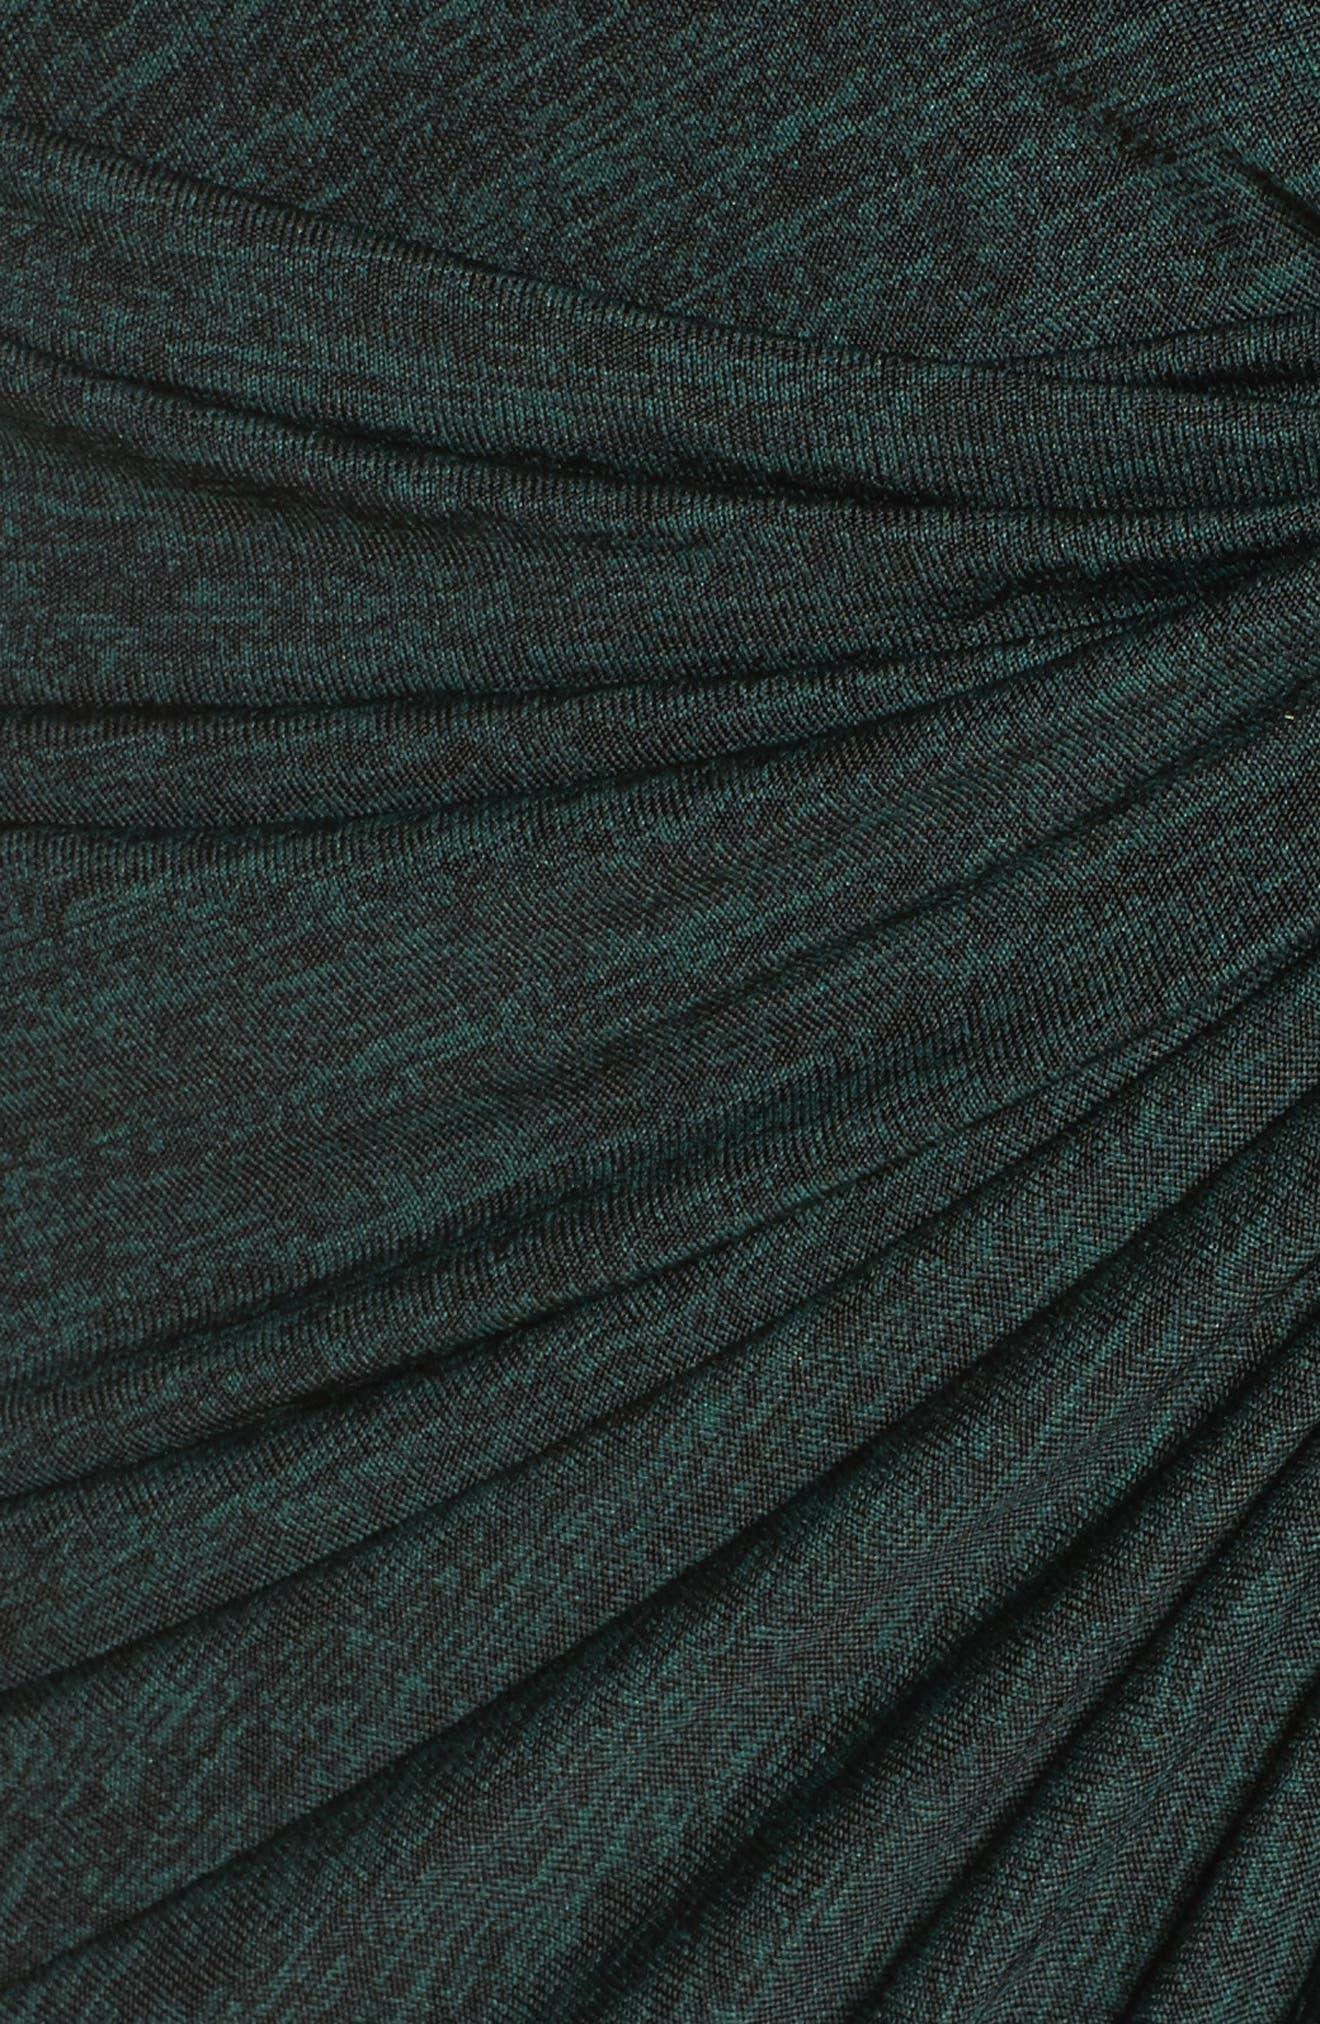 Jaspee Knot Midi Dress,                             Alternate thumbnail 2, color,                             Hunter Black